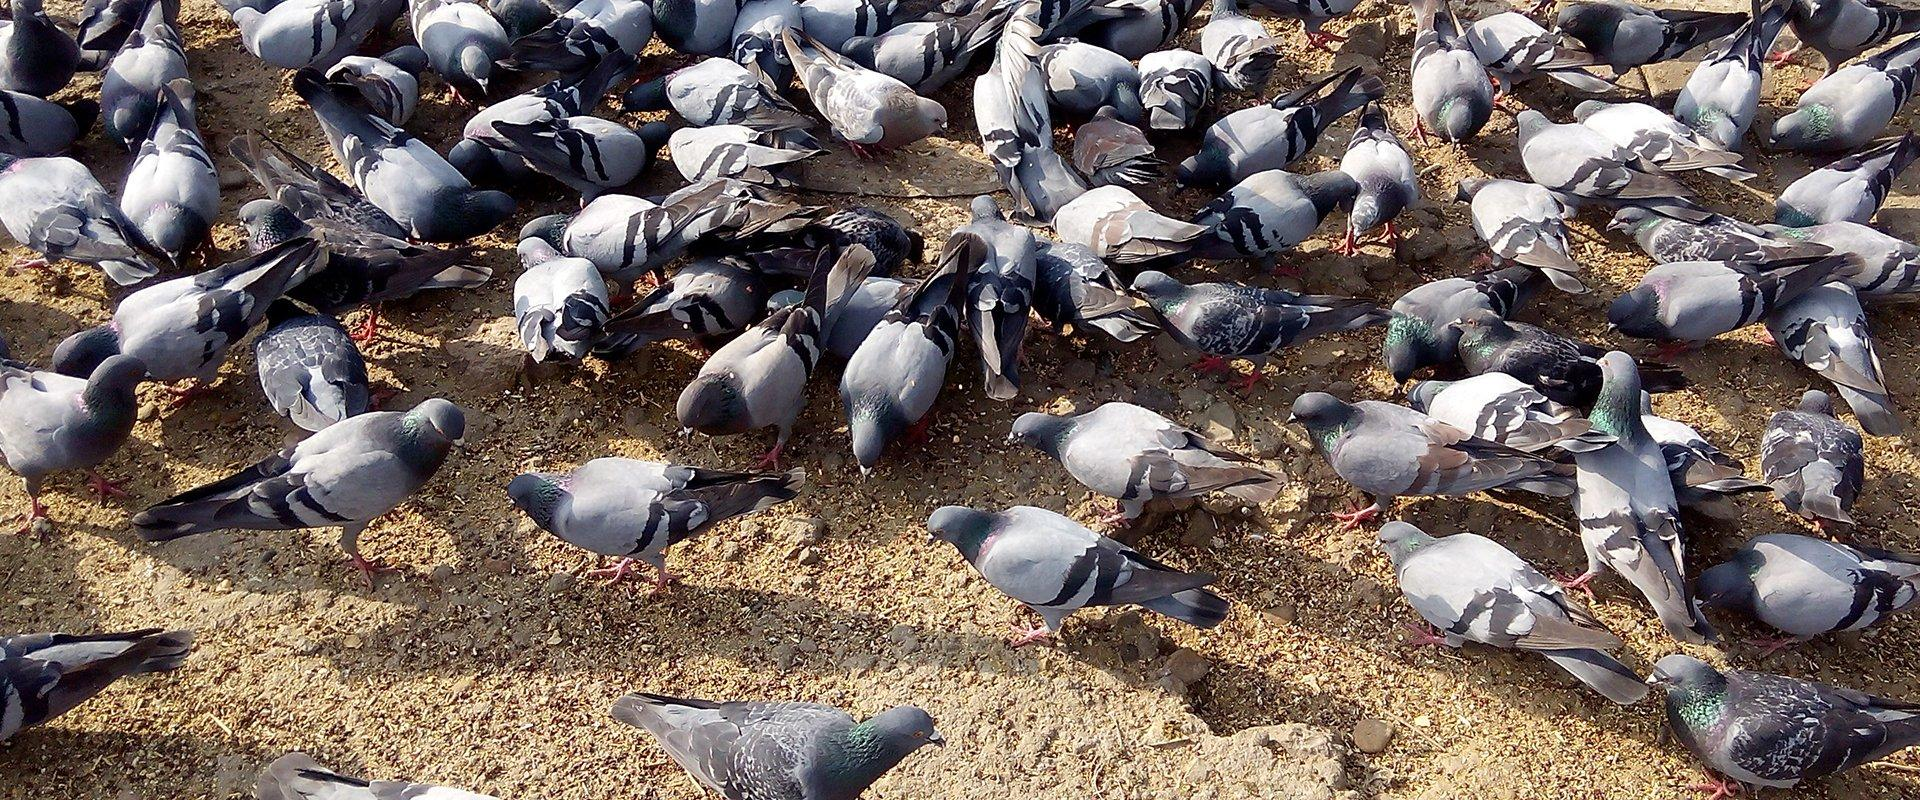 pigeons feeding on birdseed